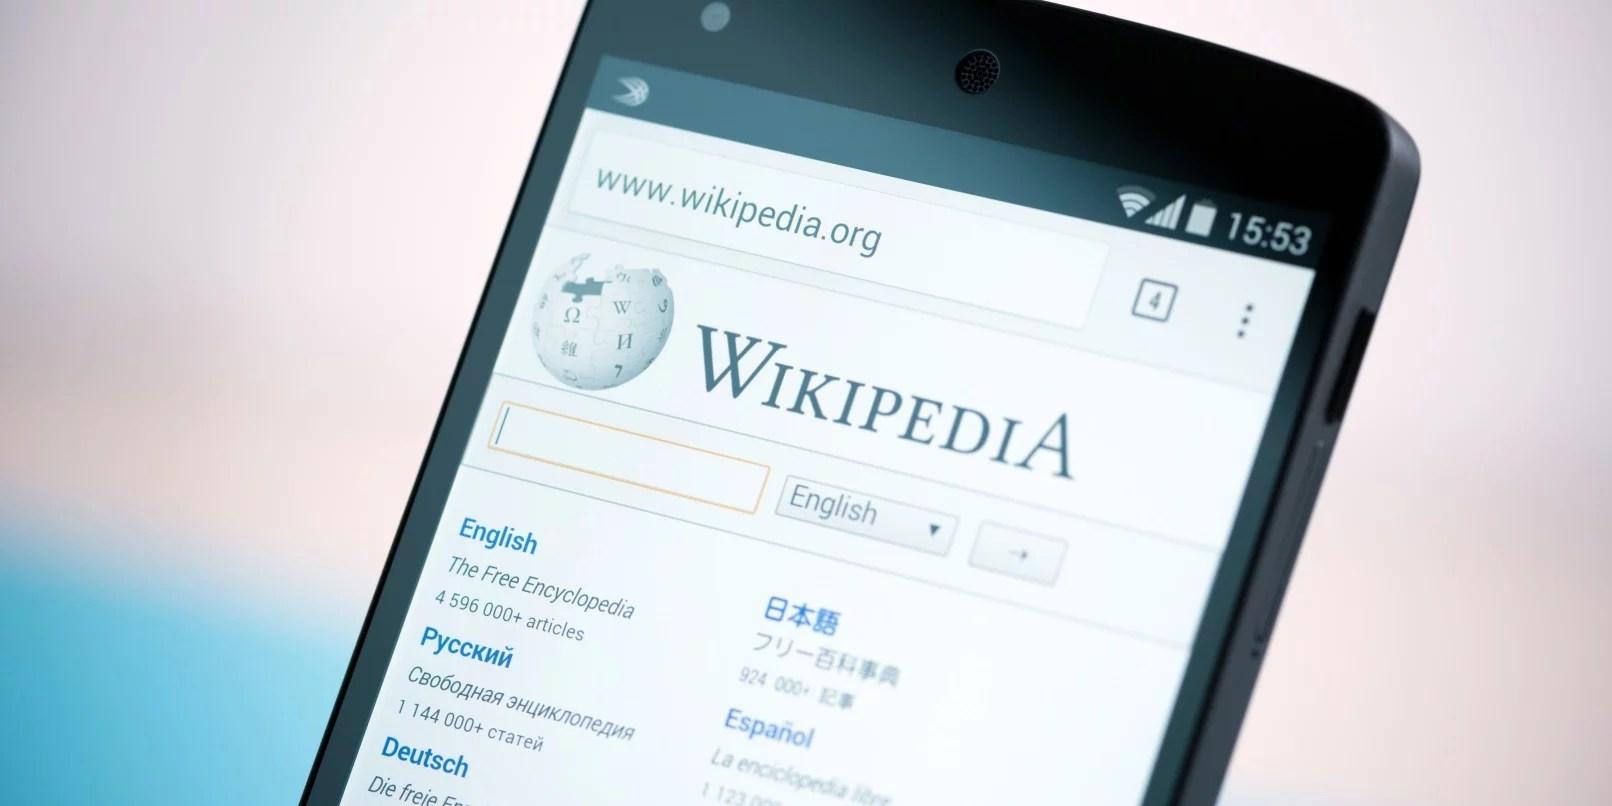 Wikipedia podrá recibir donaciones en Bitcoin Cash luego de asociarse con Bitpay